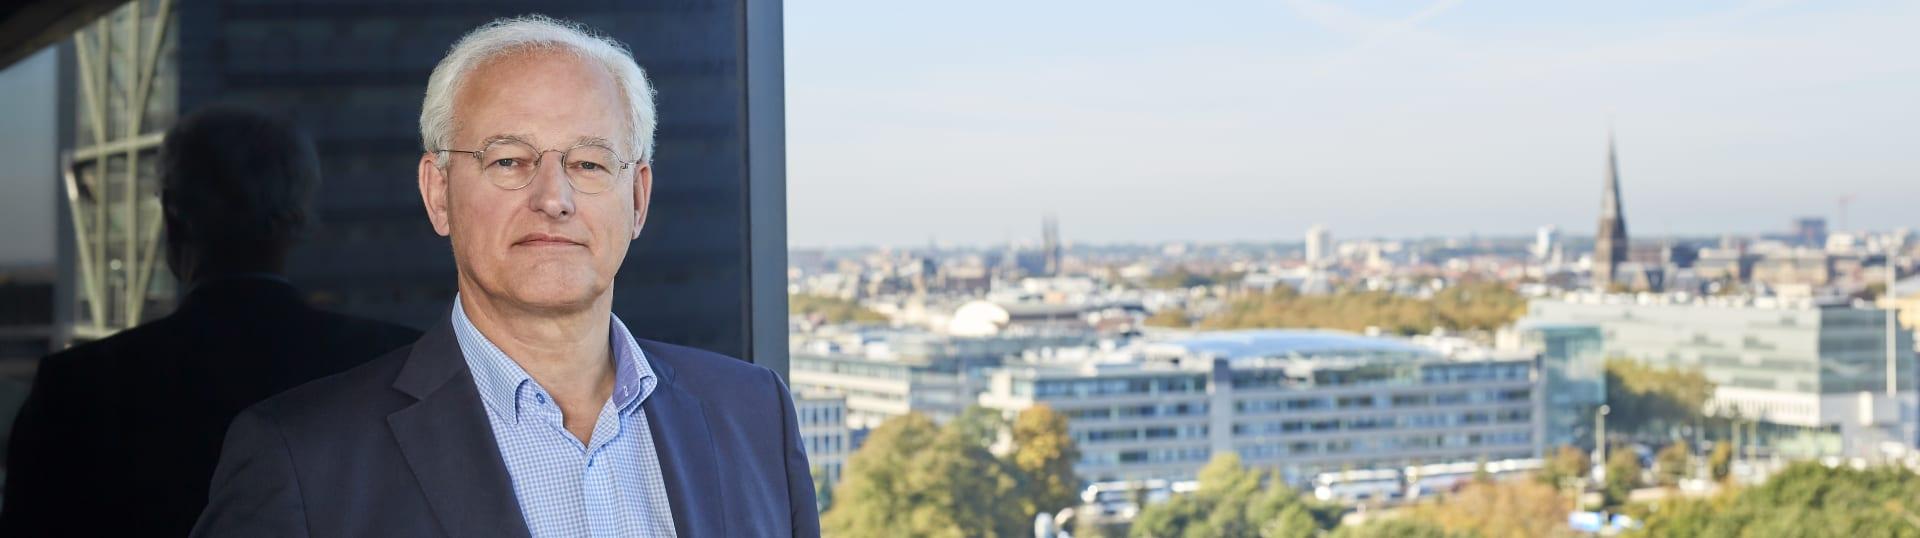 Meine Dijkstra, advocaat Pels Rijcken